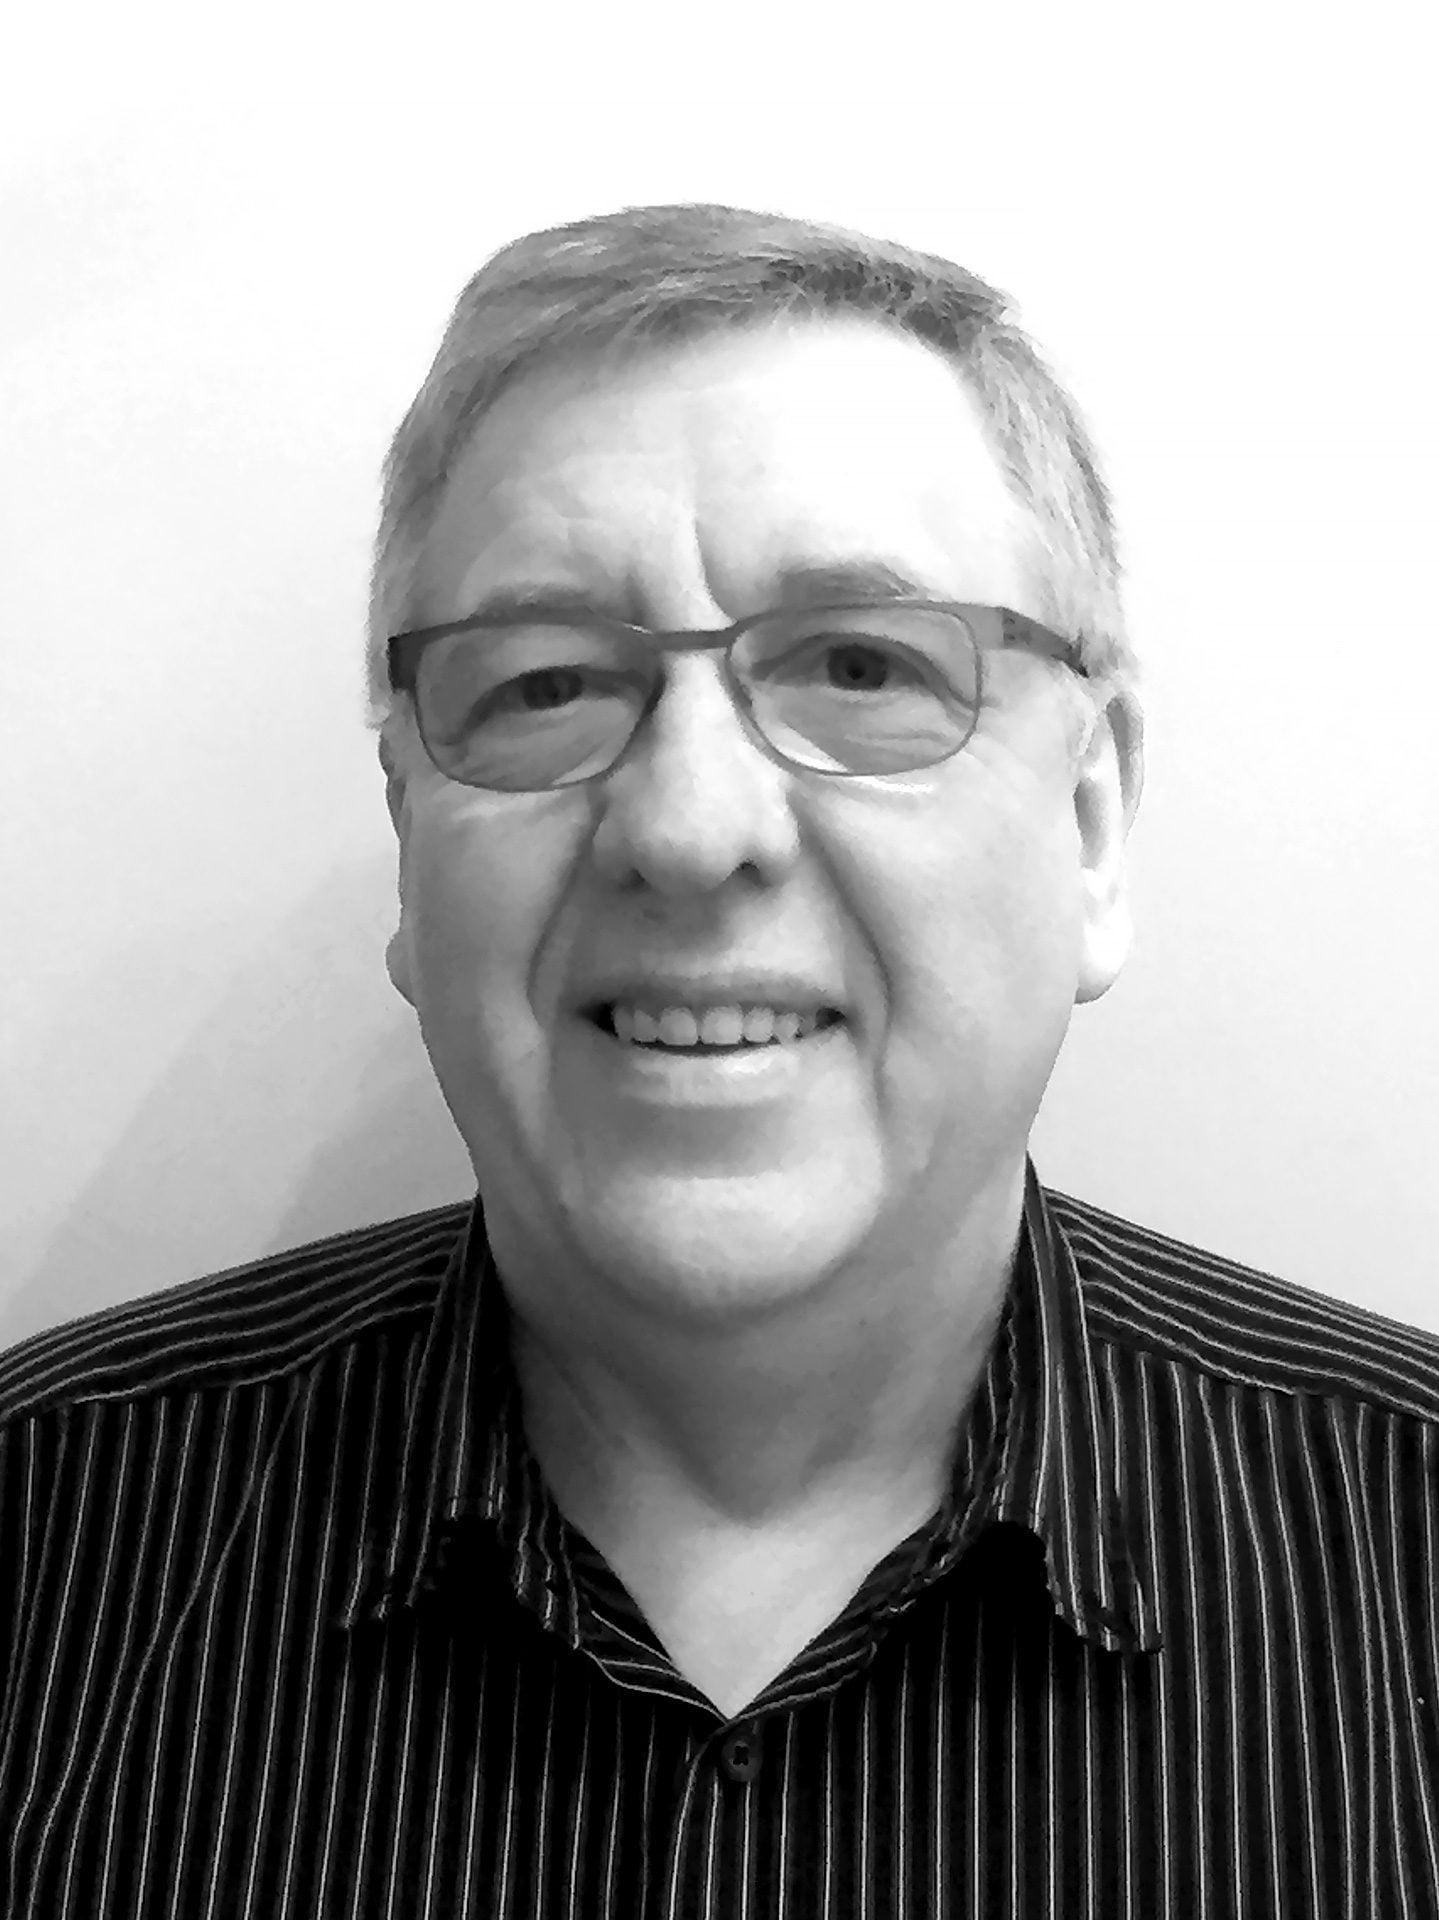 Rudy Van Rossen